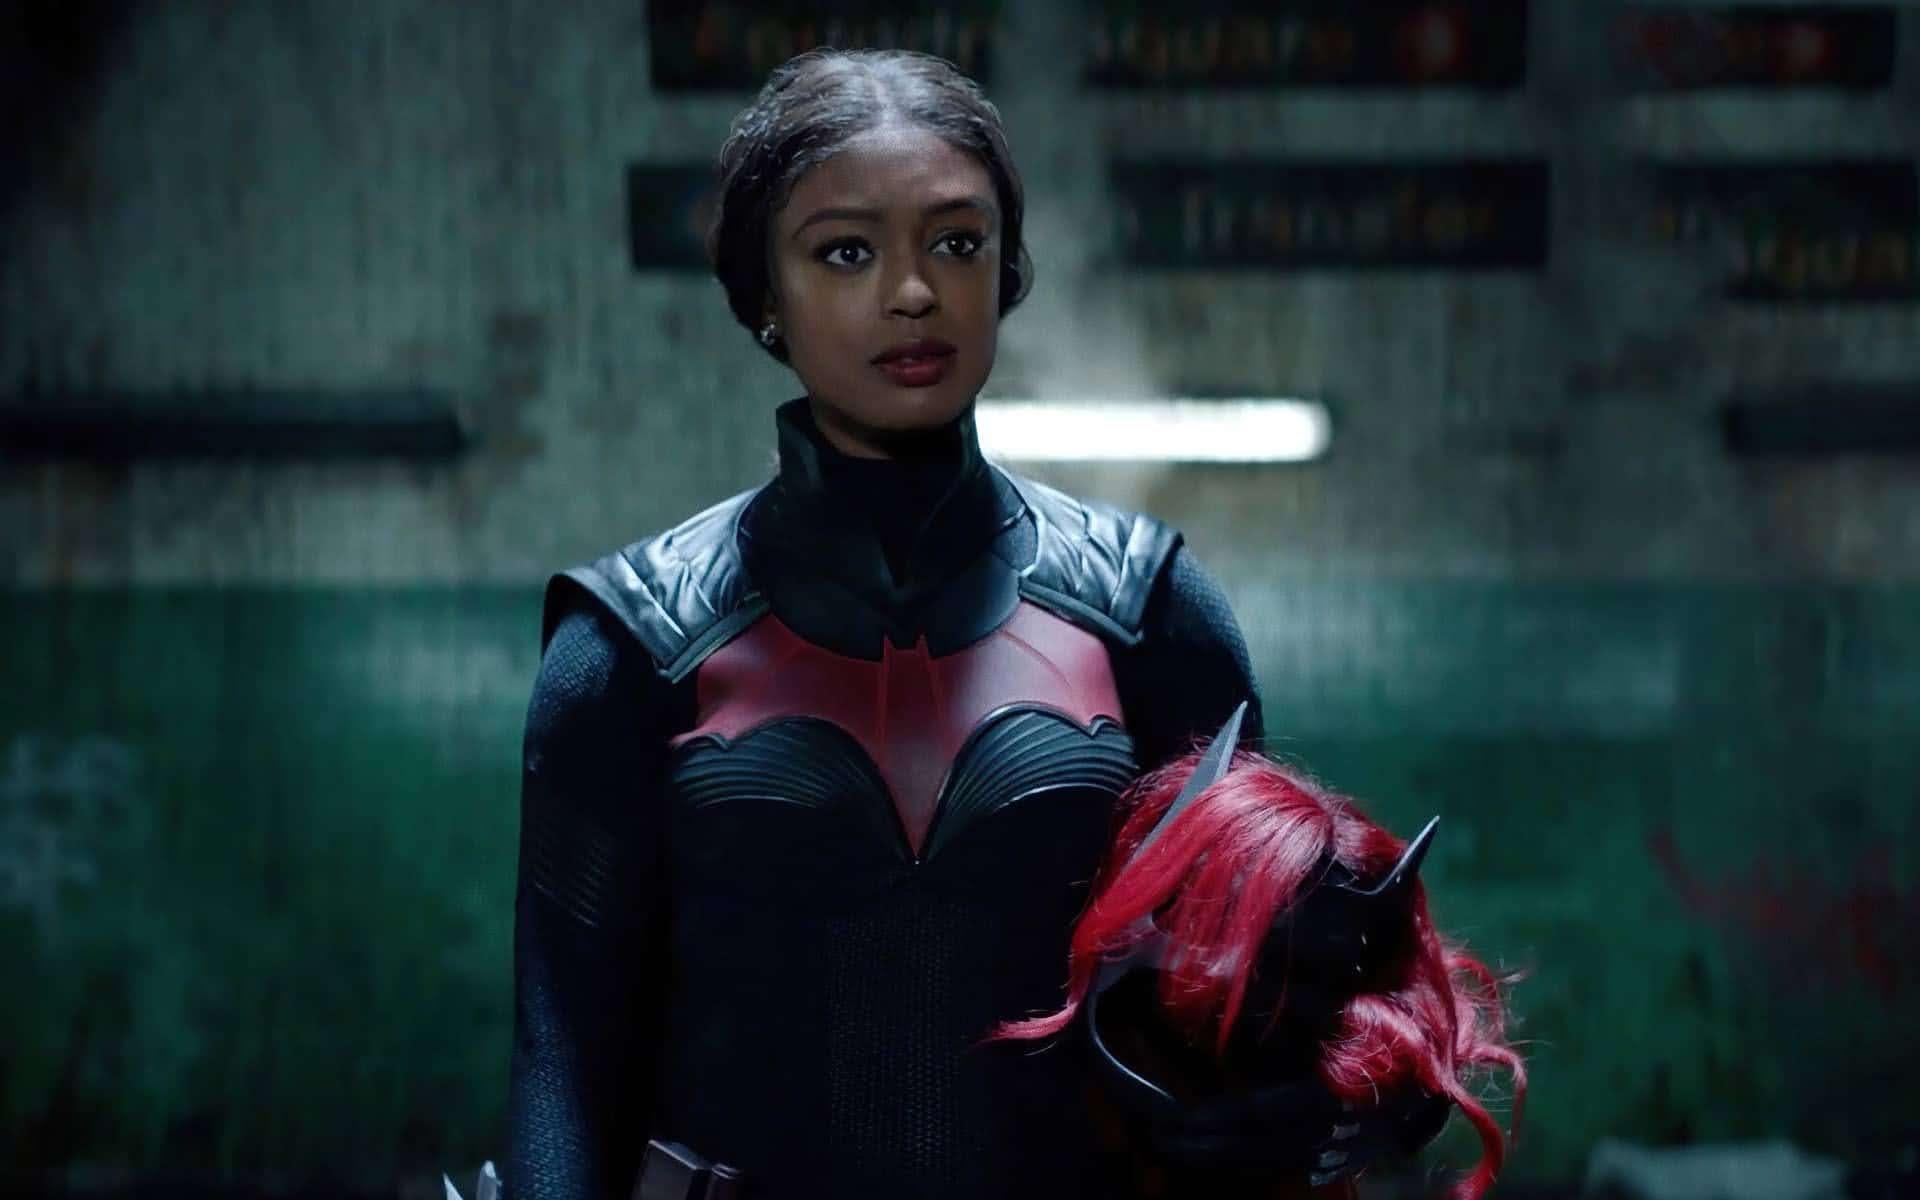 Batwoman Season 2 reveal altered Kate Kane : DCヒロインのテレビシリーズ「バットウーマン」のシーズン 2 に、先代のバットウーマンのケイト・ケインが再び登場することが明らかになった ! !